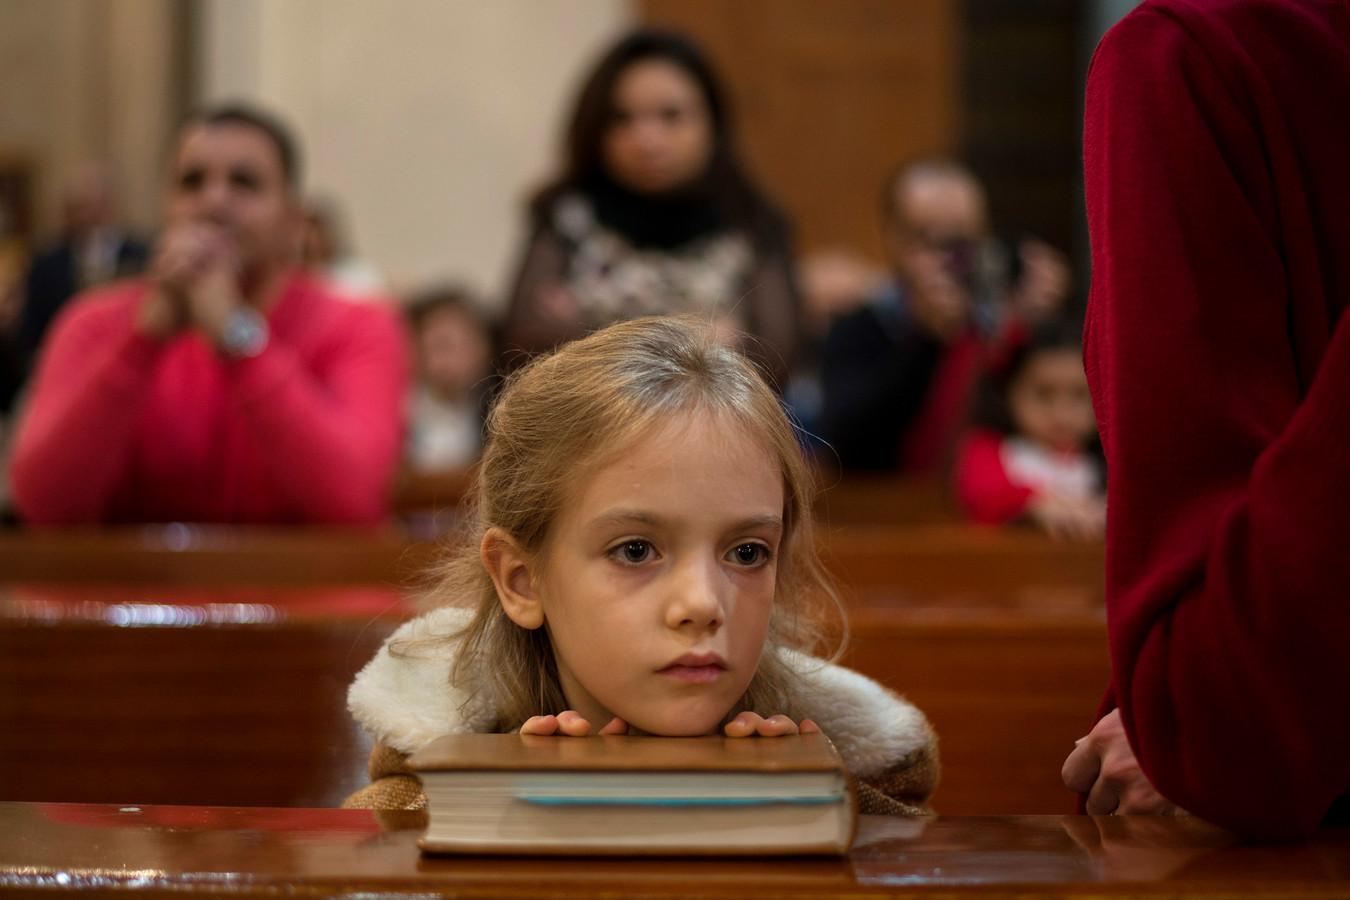 In Cairo luistert een meisje aandachtig naar de mis in de Sint Jozef kerk.